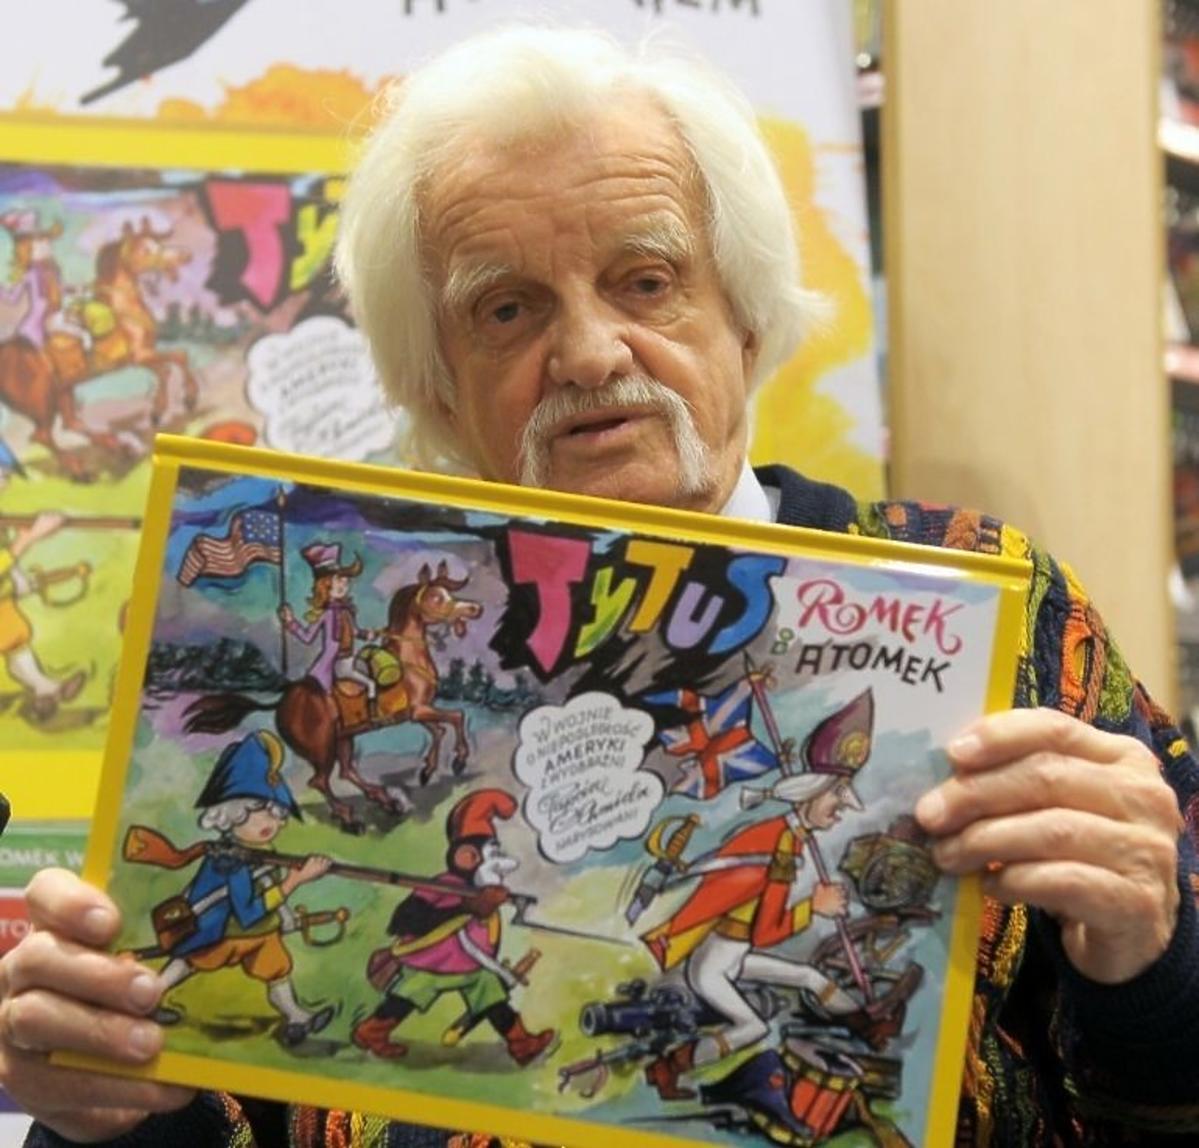 Jerzy Chmielewski trzyma komiks